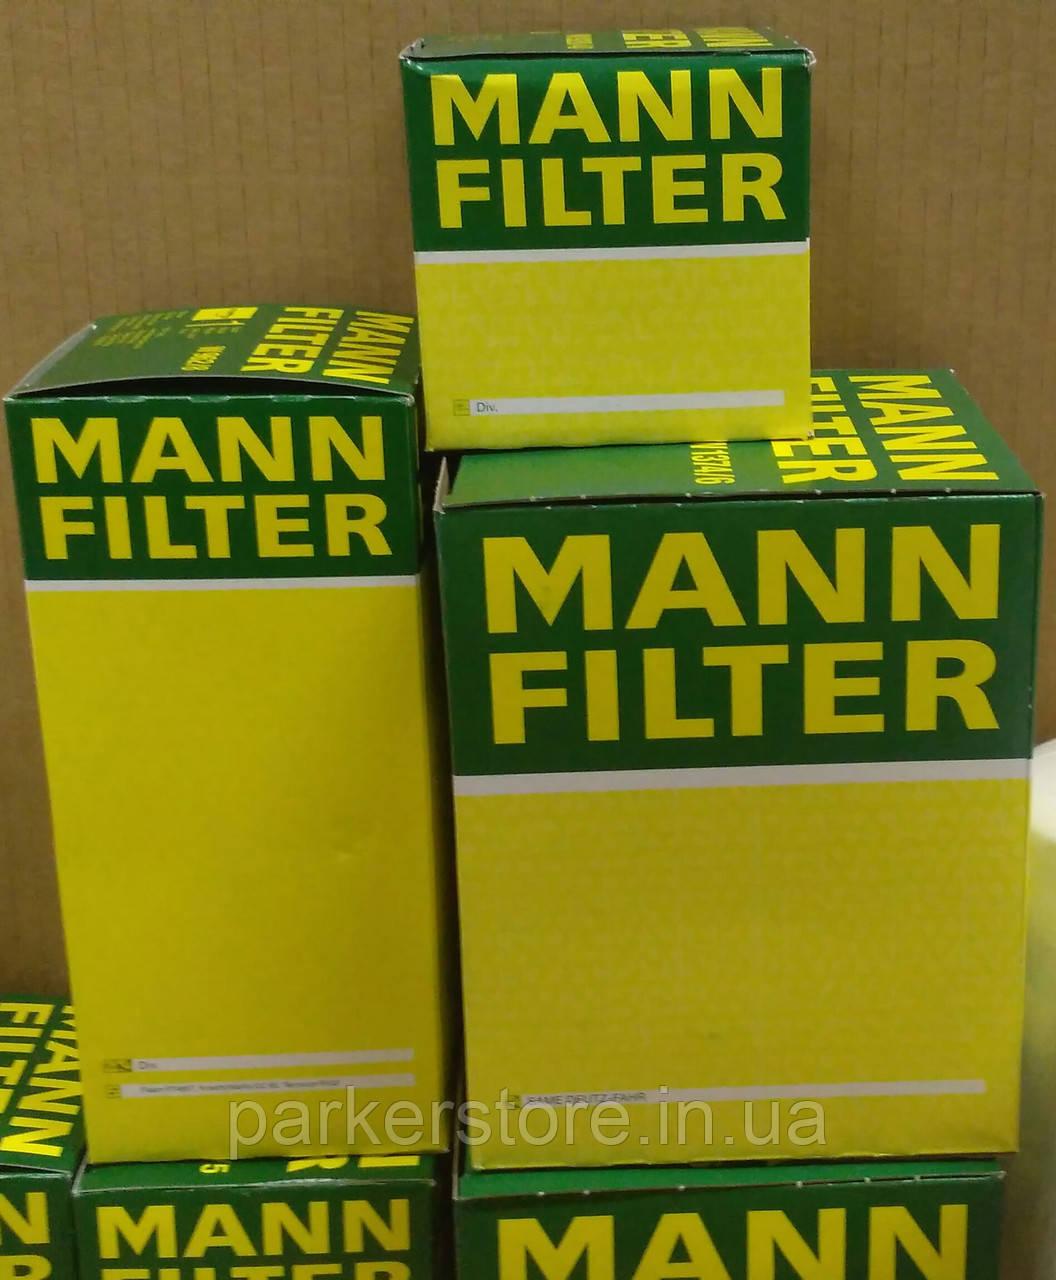 MANN FILTER / Повітряний фільтр / C 30 135 / C30135